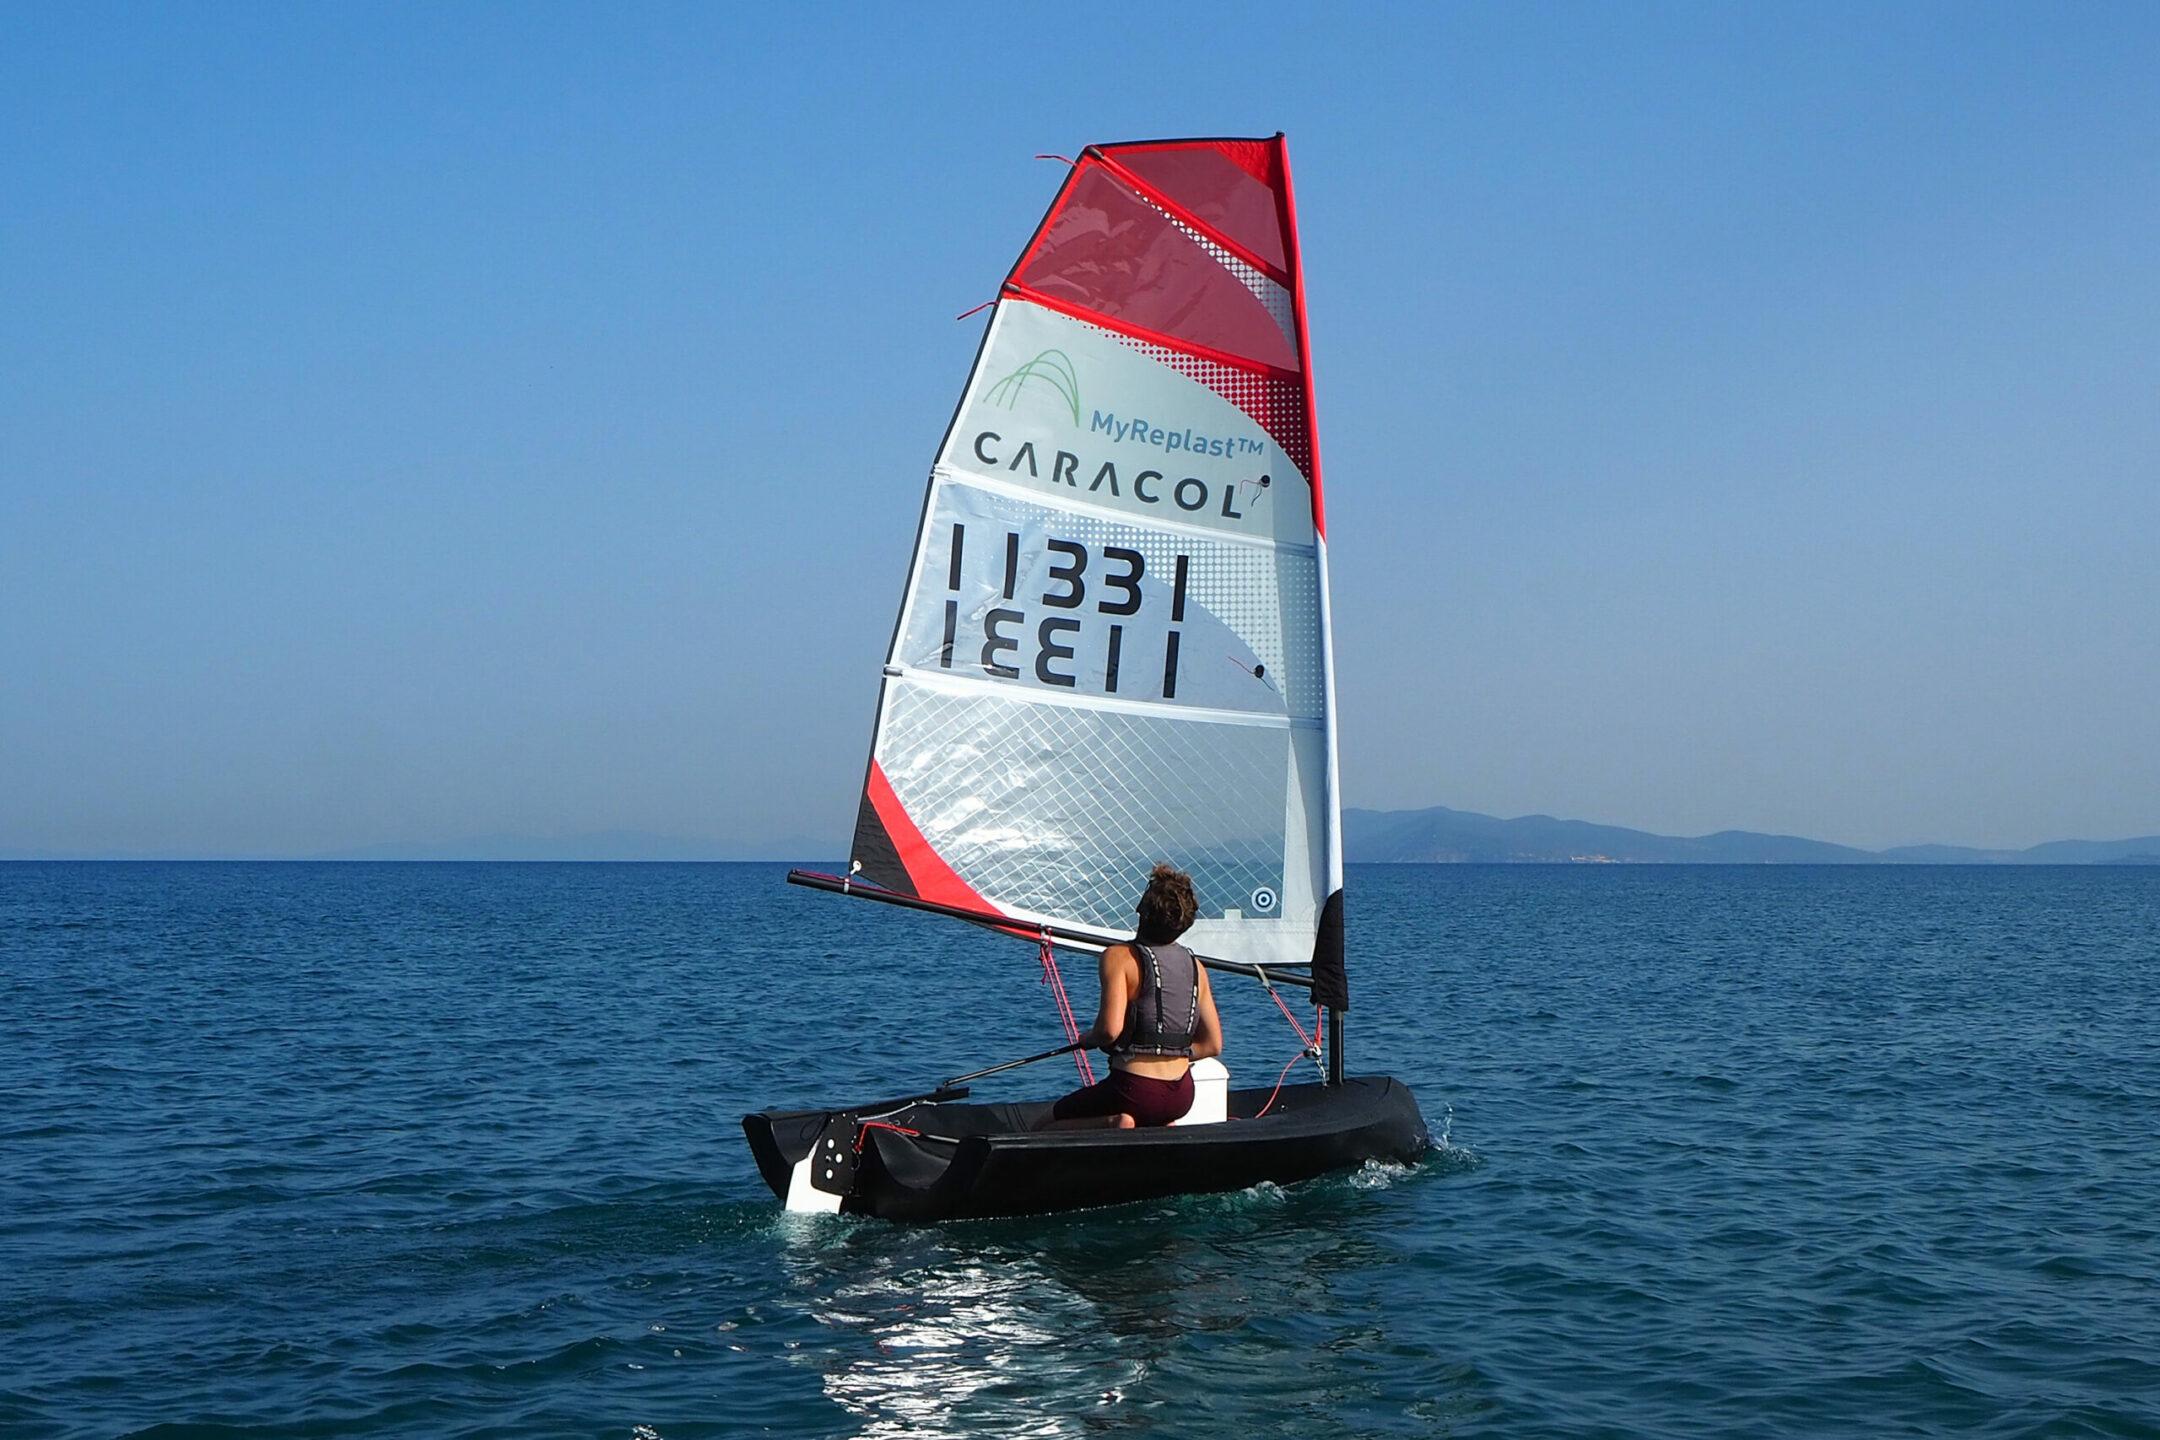 caracol-e-nextchem-hanno-ideato-la-prima-barca-vela-stampata-in-3d-con-materiale-riciclato